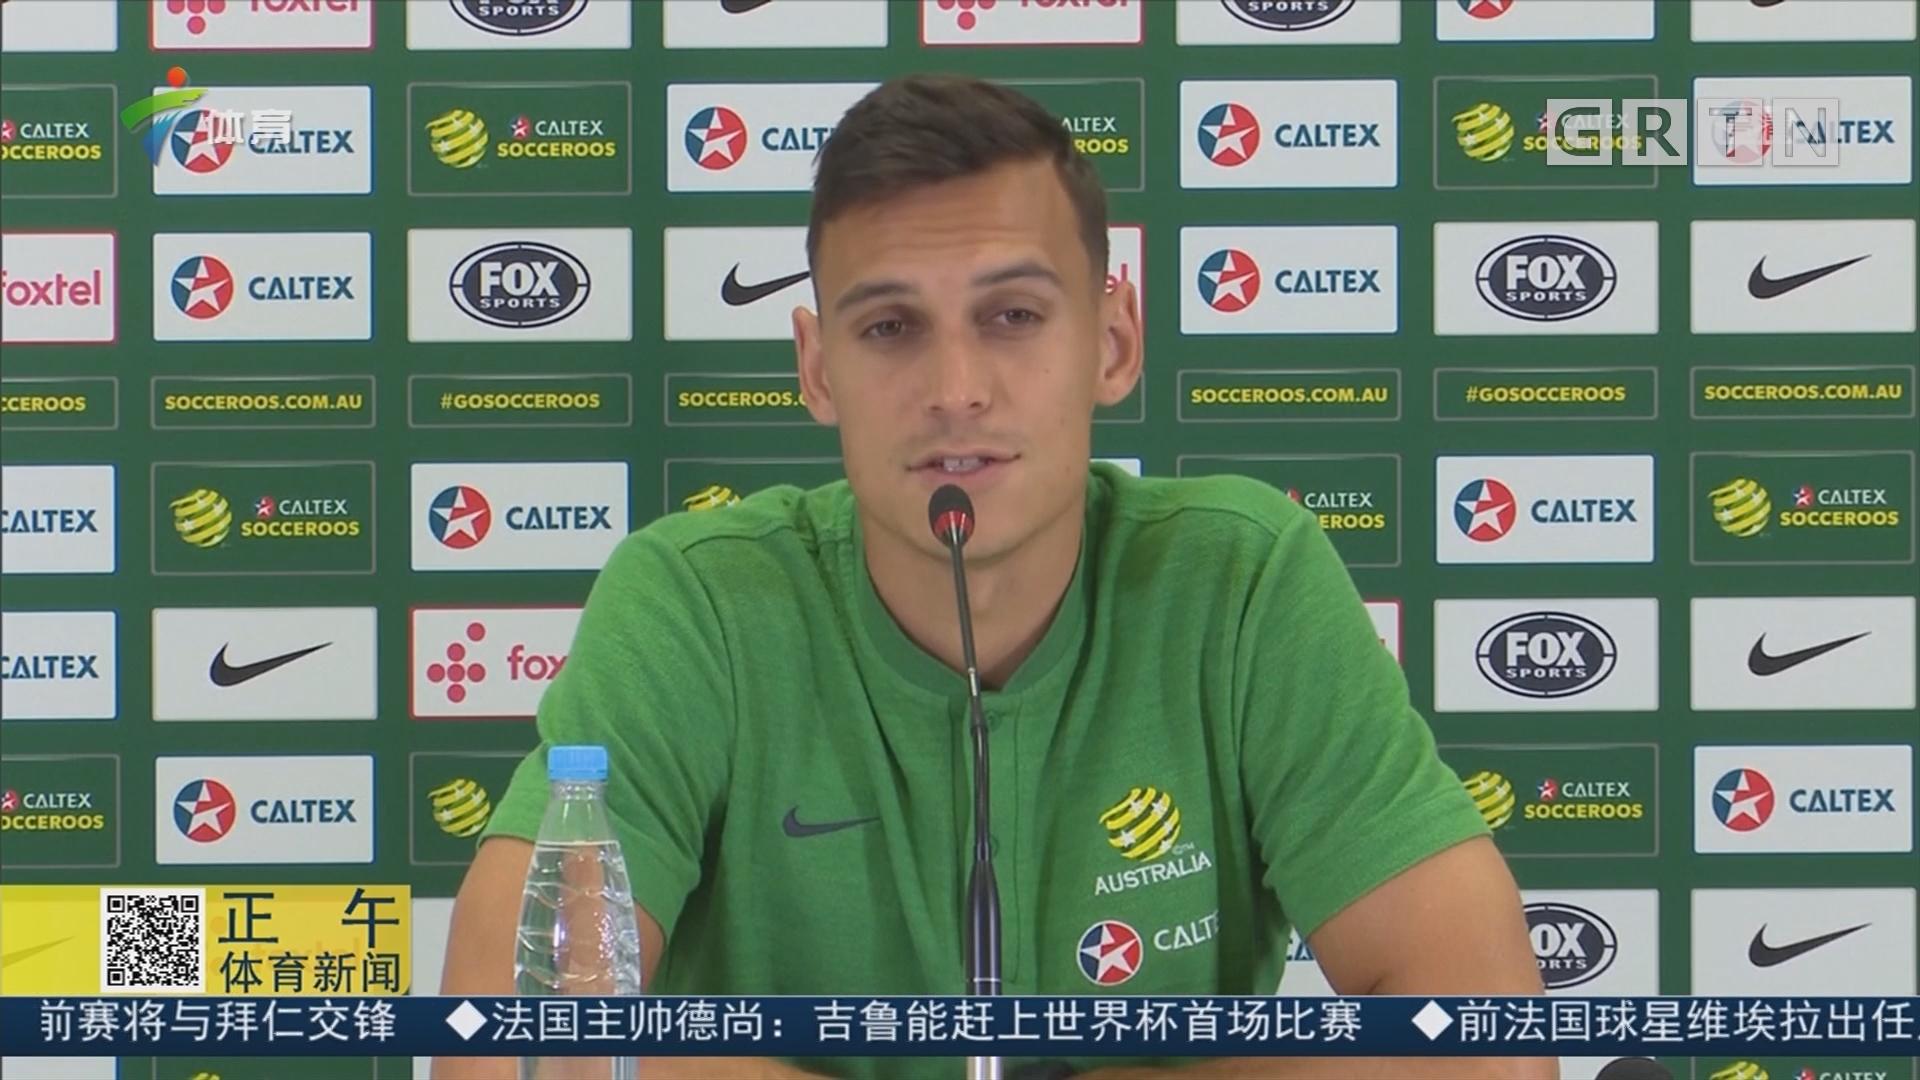 瑞恩:我们有信心去对抗对手